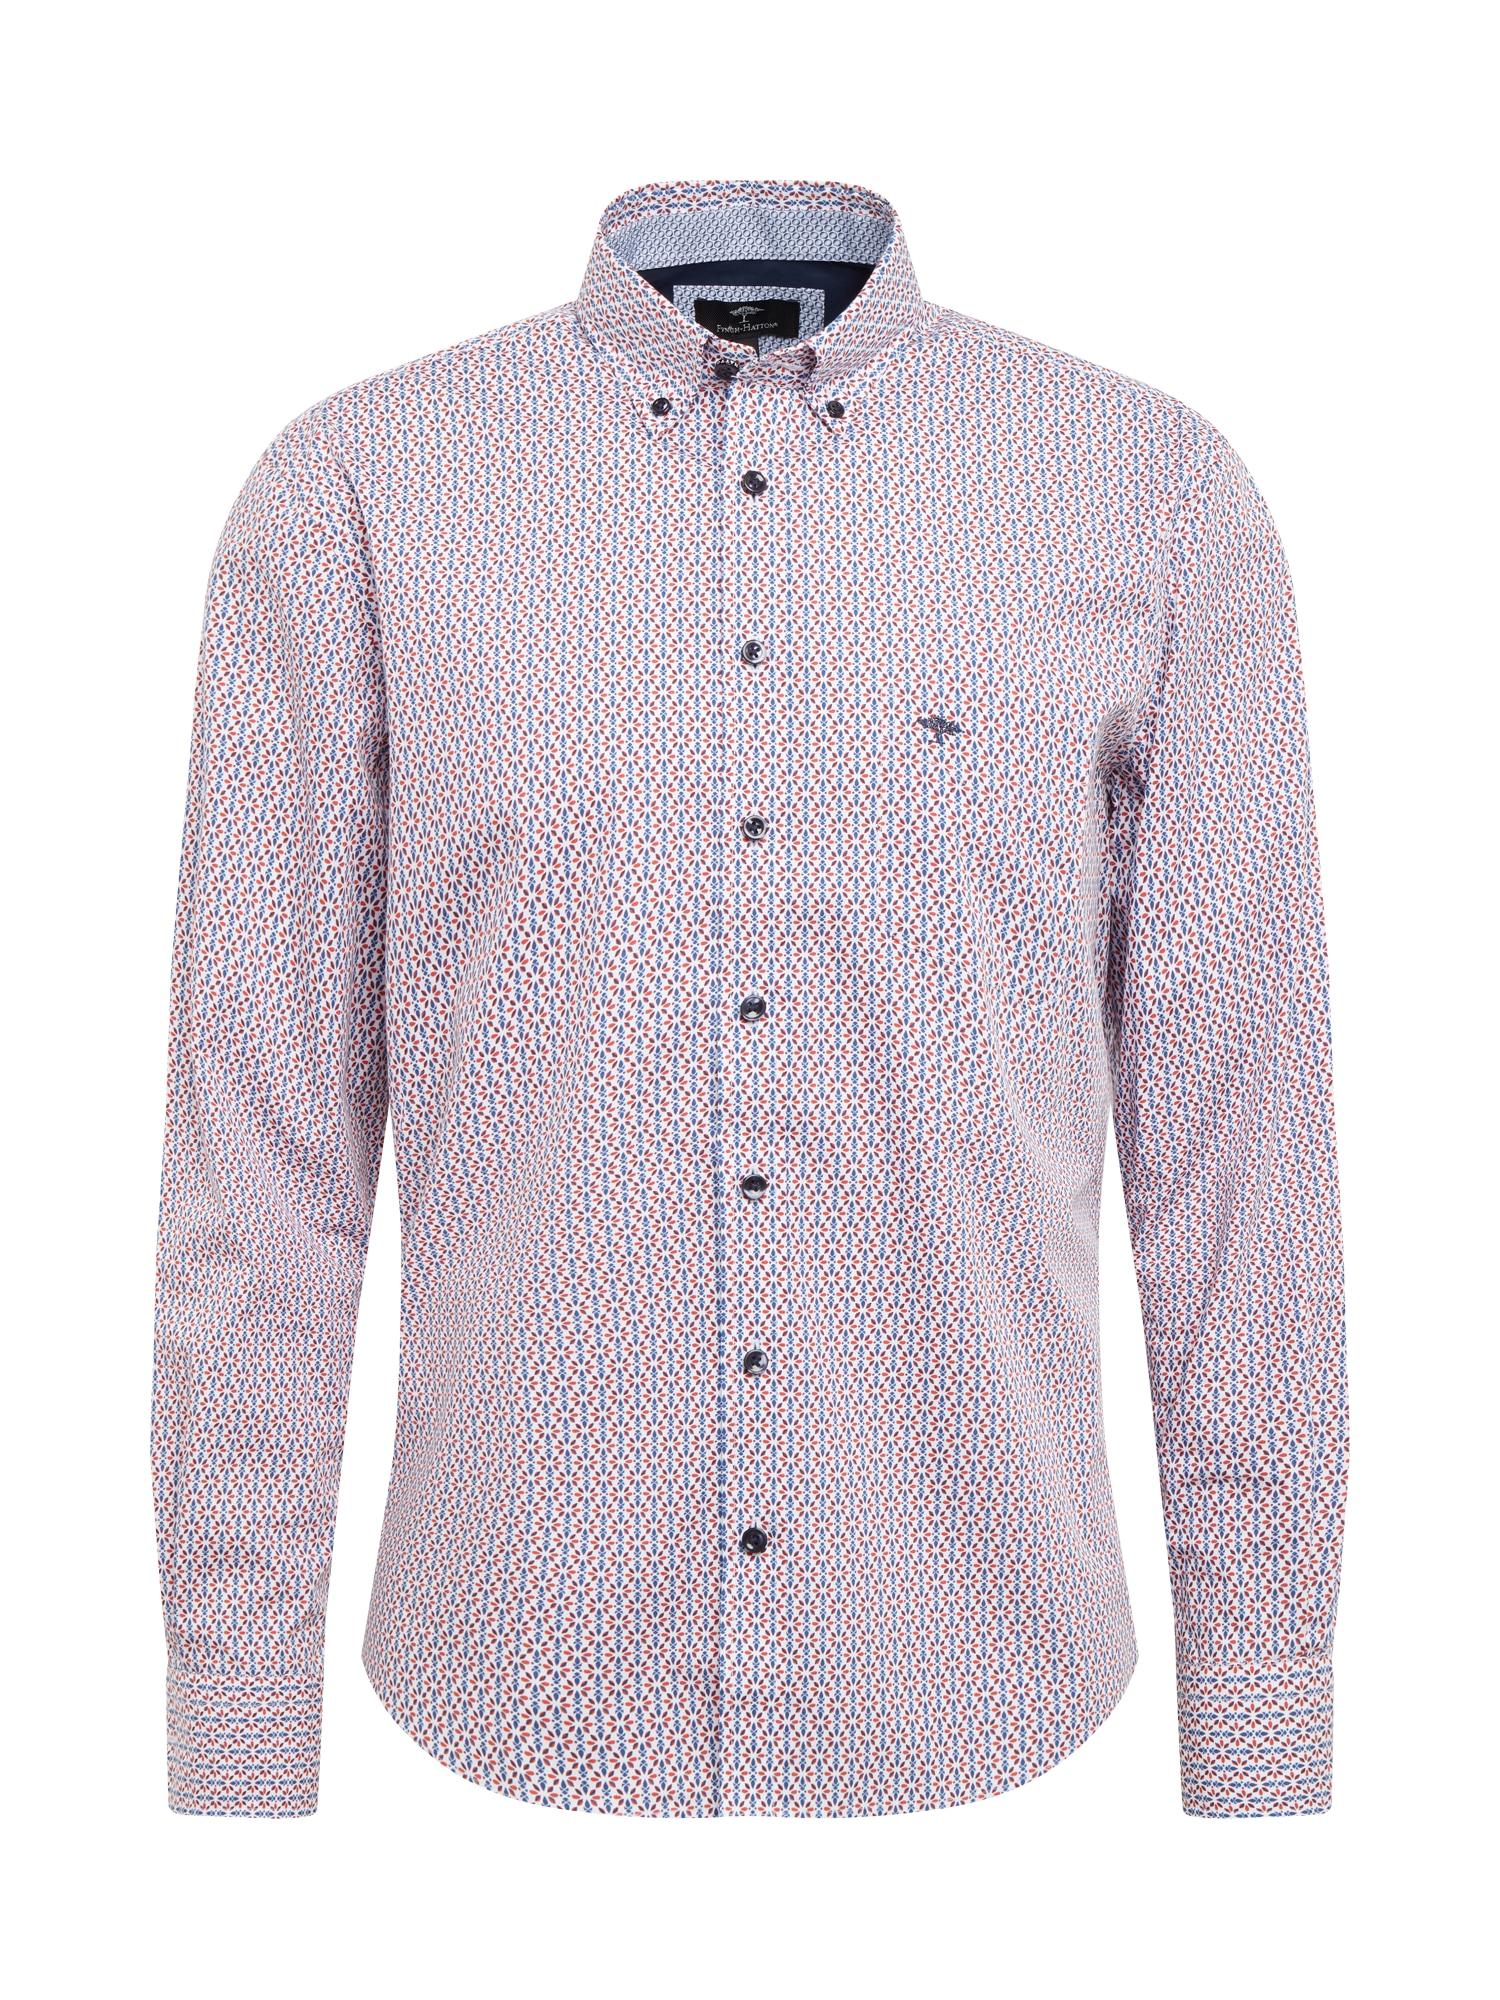 """FYNCH-HATTON Marškiniai pastelinė raudona / sodri mėlyna (""""karališka"""") / balta"""